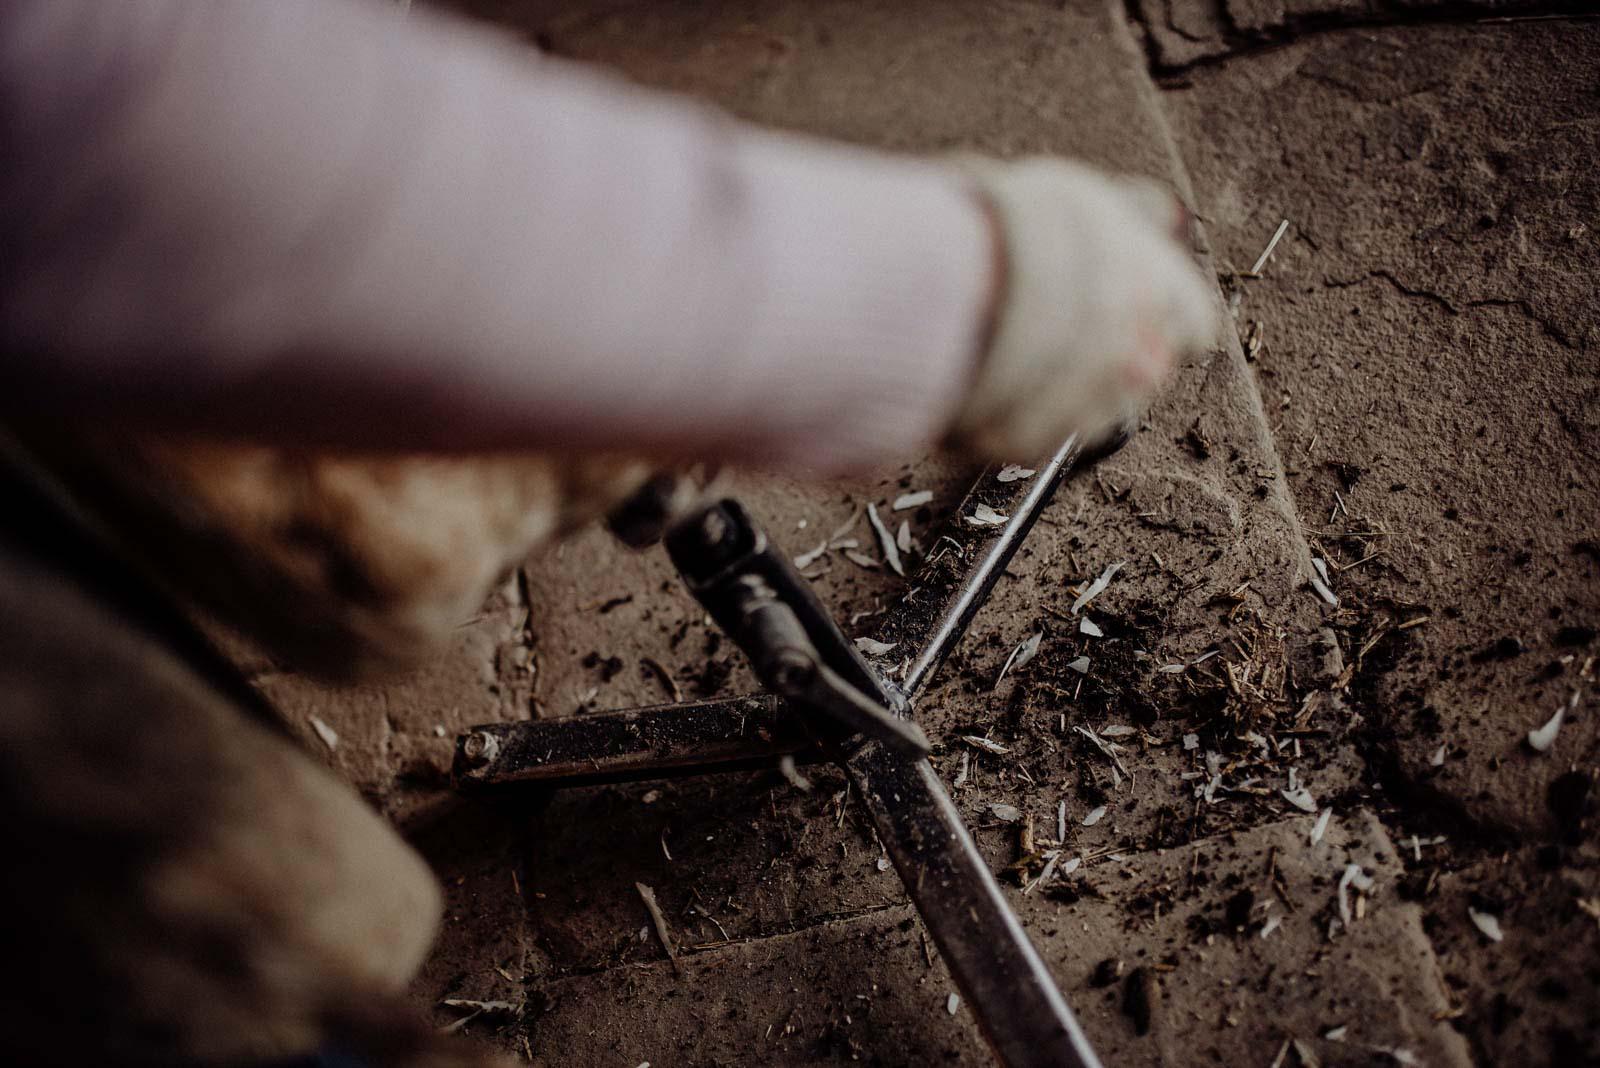 Detailaufnahme von Hufraspeln auf dem Boden